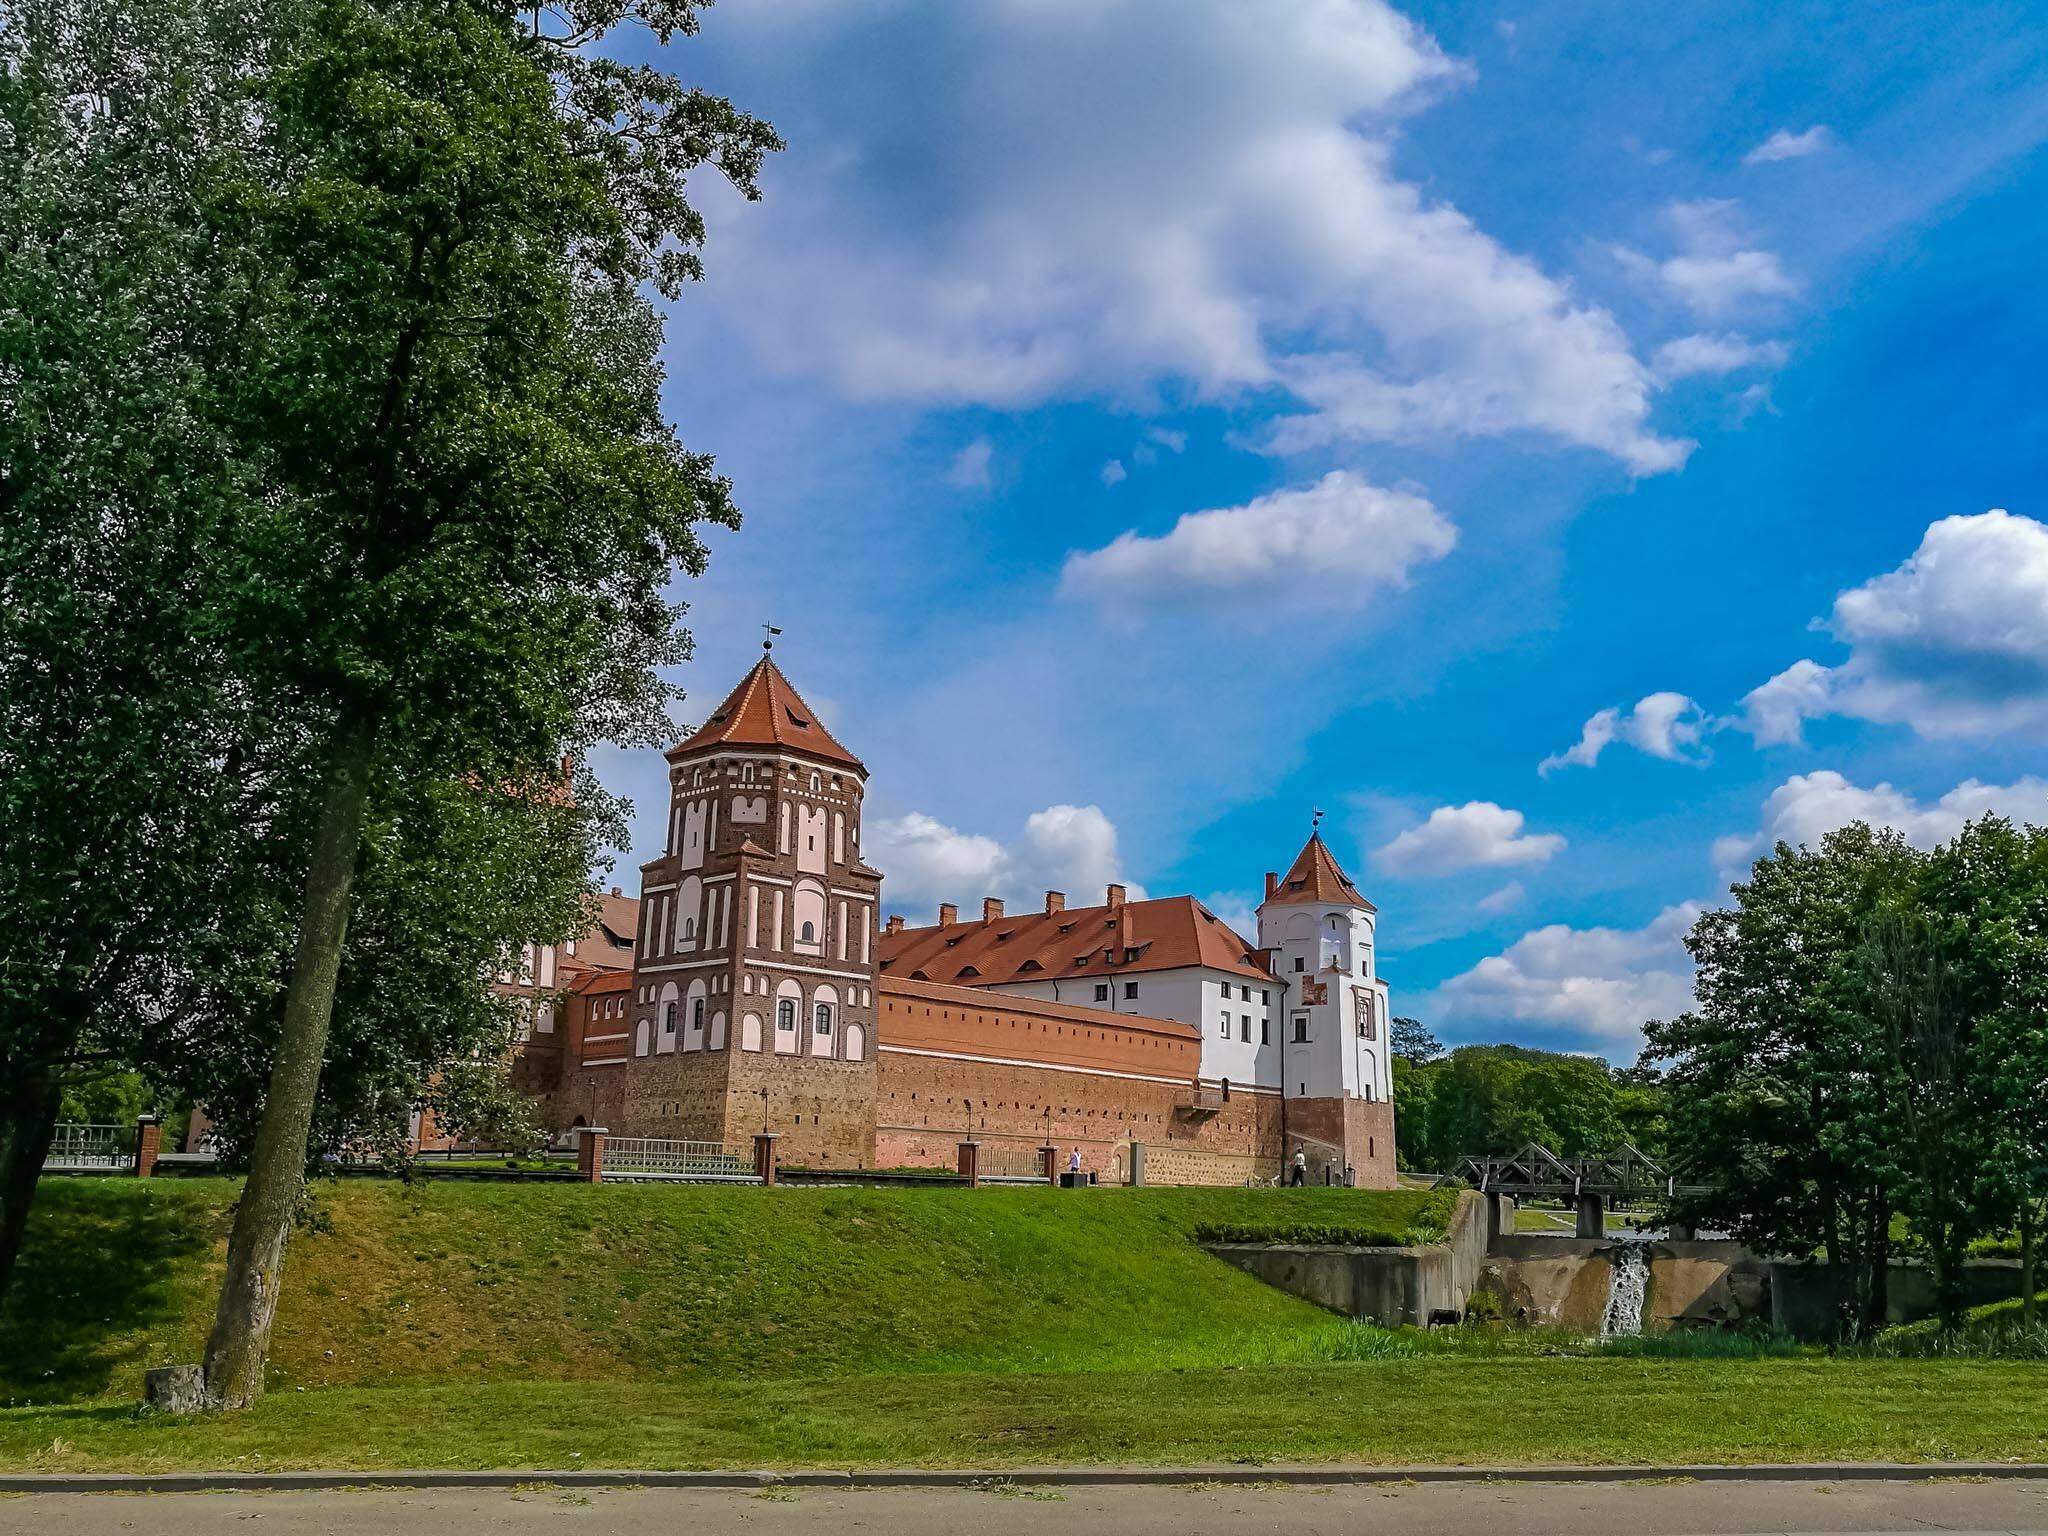 O Mir Castle na cidade de Mir ao centro da Bielorrússia. | Foto: Bruno/@naproadavida - Seguro Viagem para a Bielorrússia